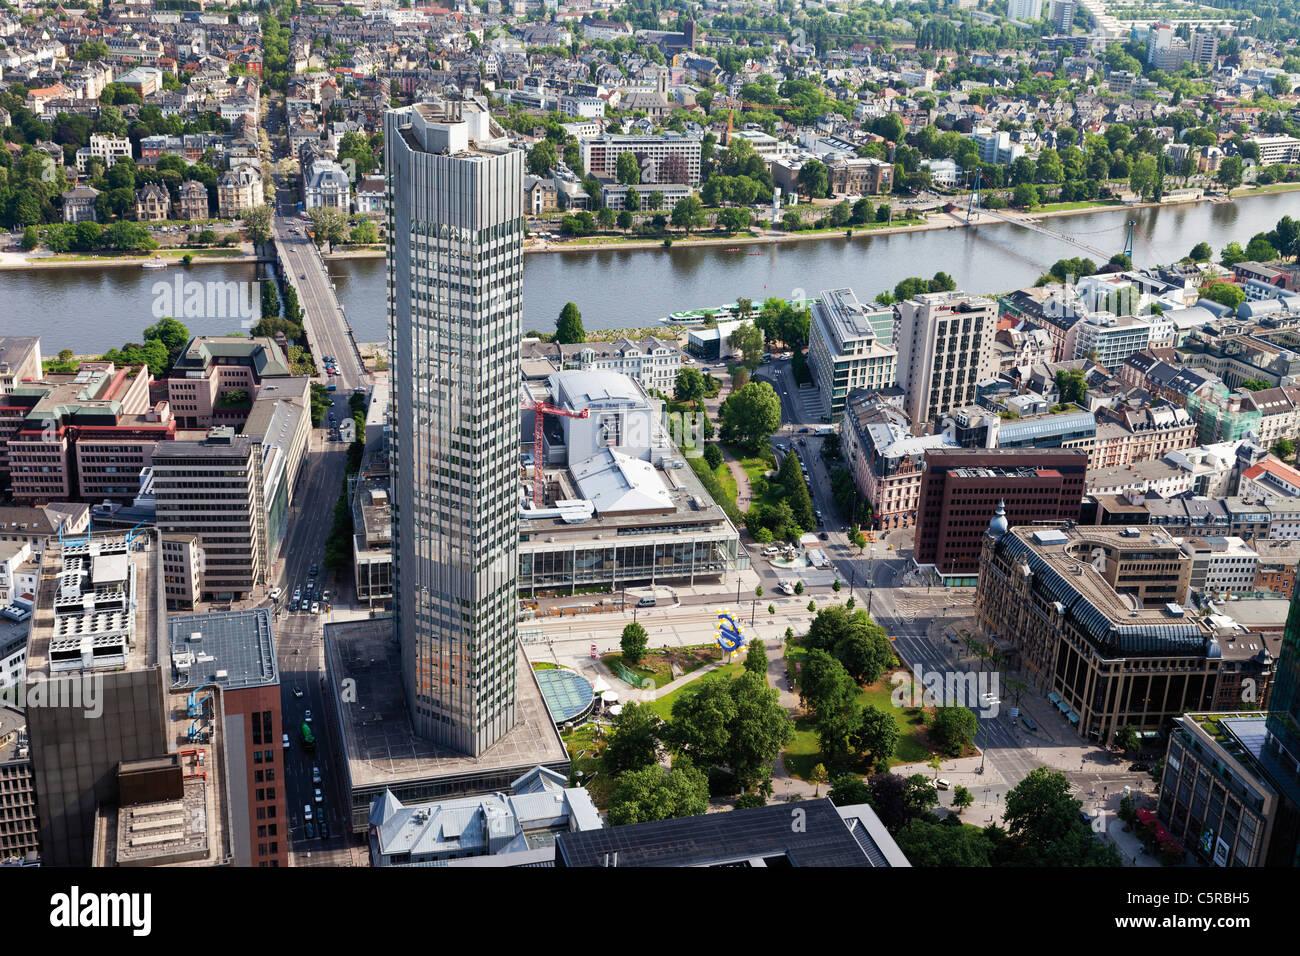 En Europa, Alemania, Hesse, Frankfurt, vista del Banco Central Europeo. Imagen De Stock